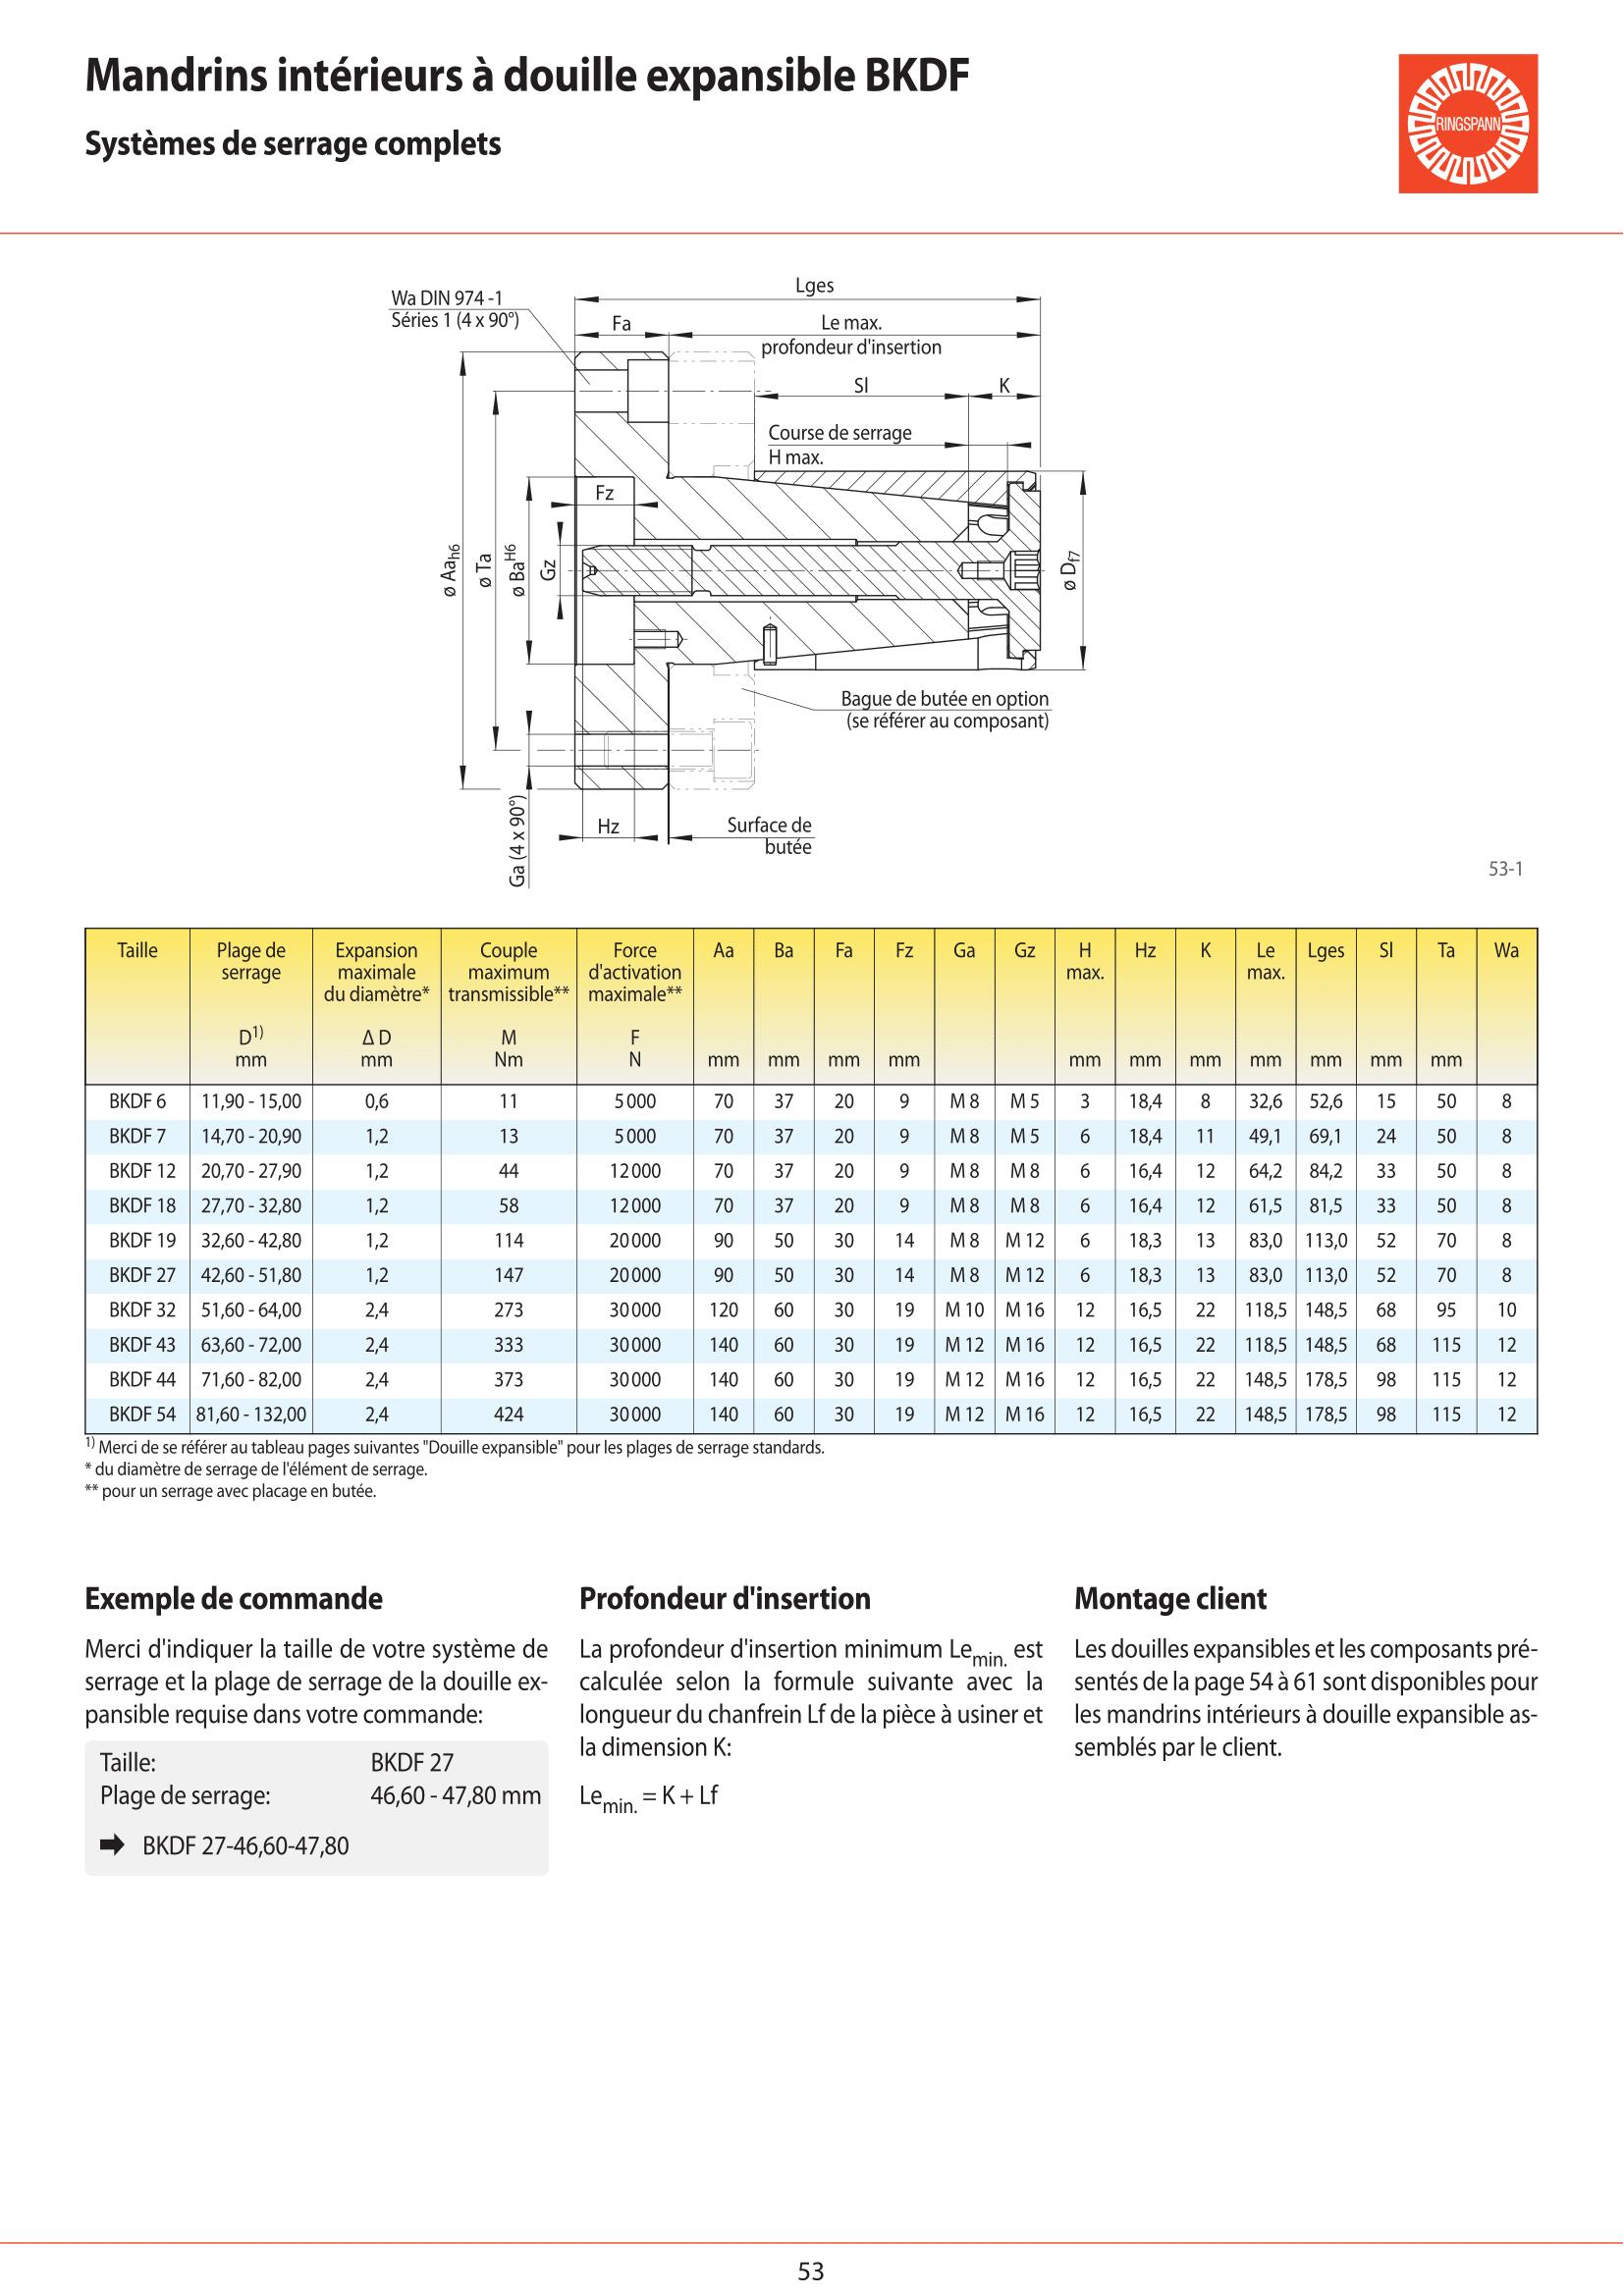 Fiche technique - BKDF 44 page 2